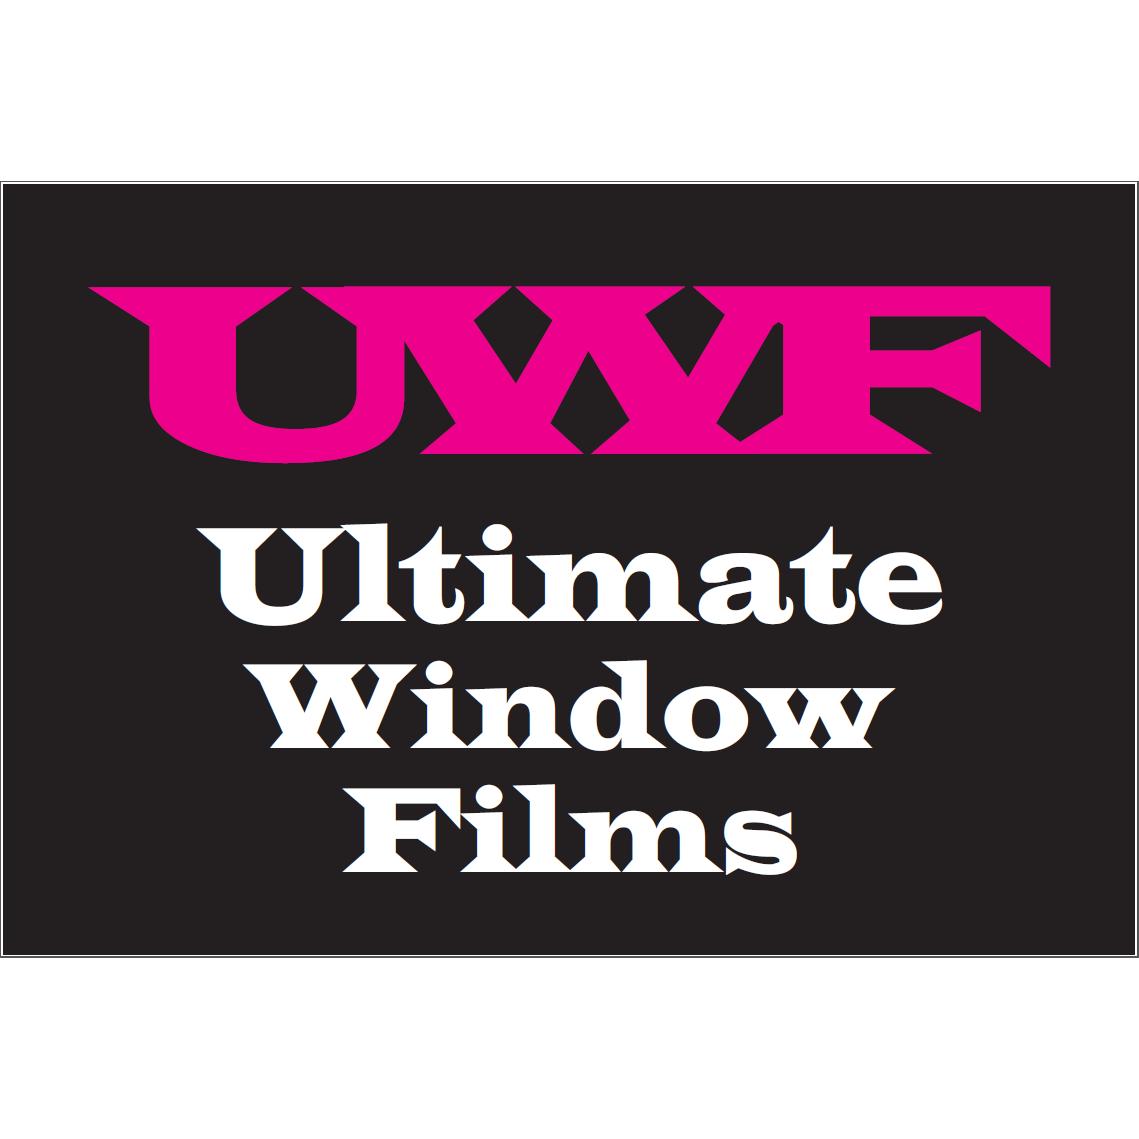 Express window films coupon